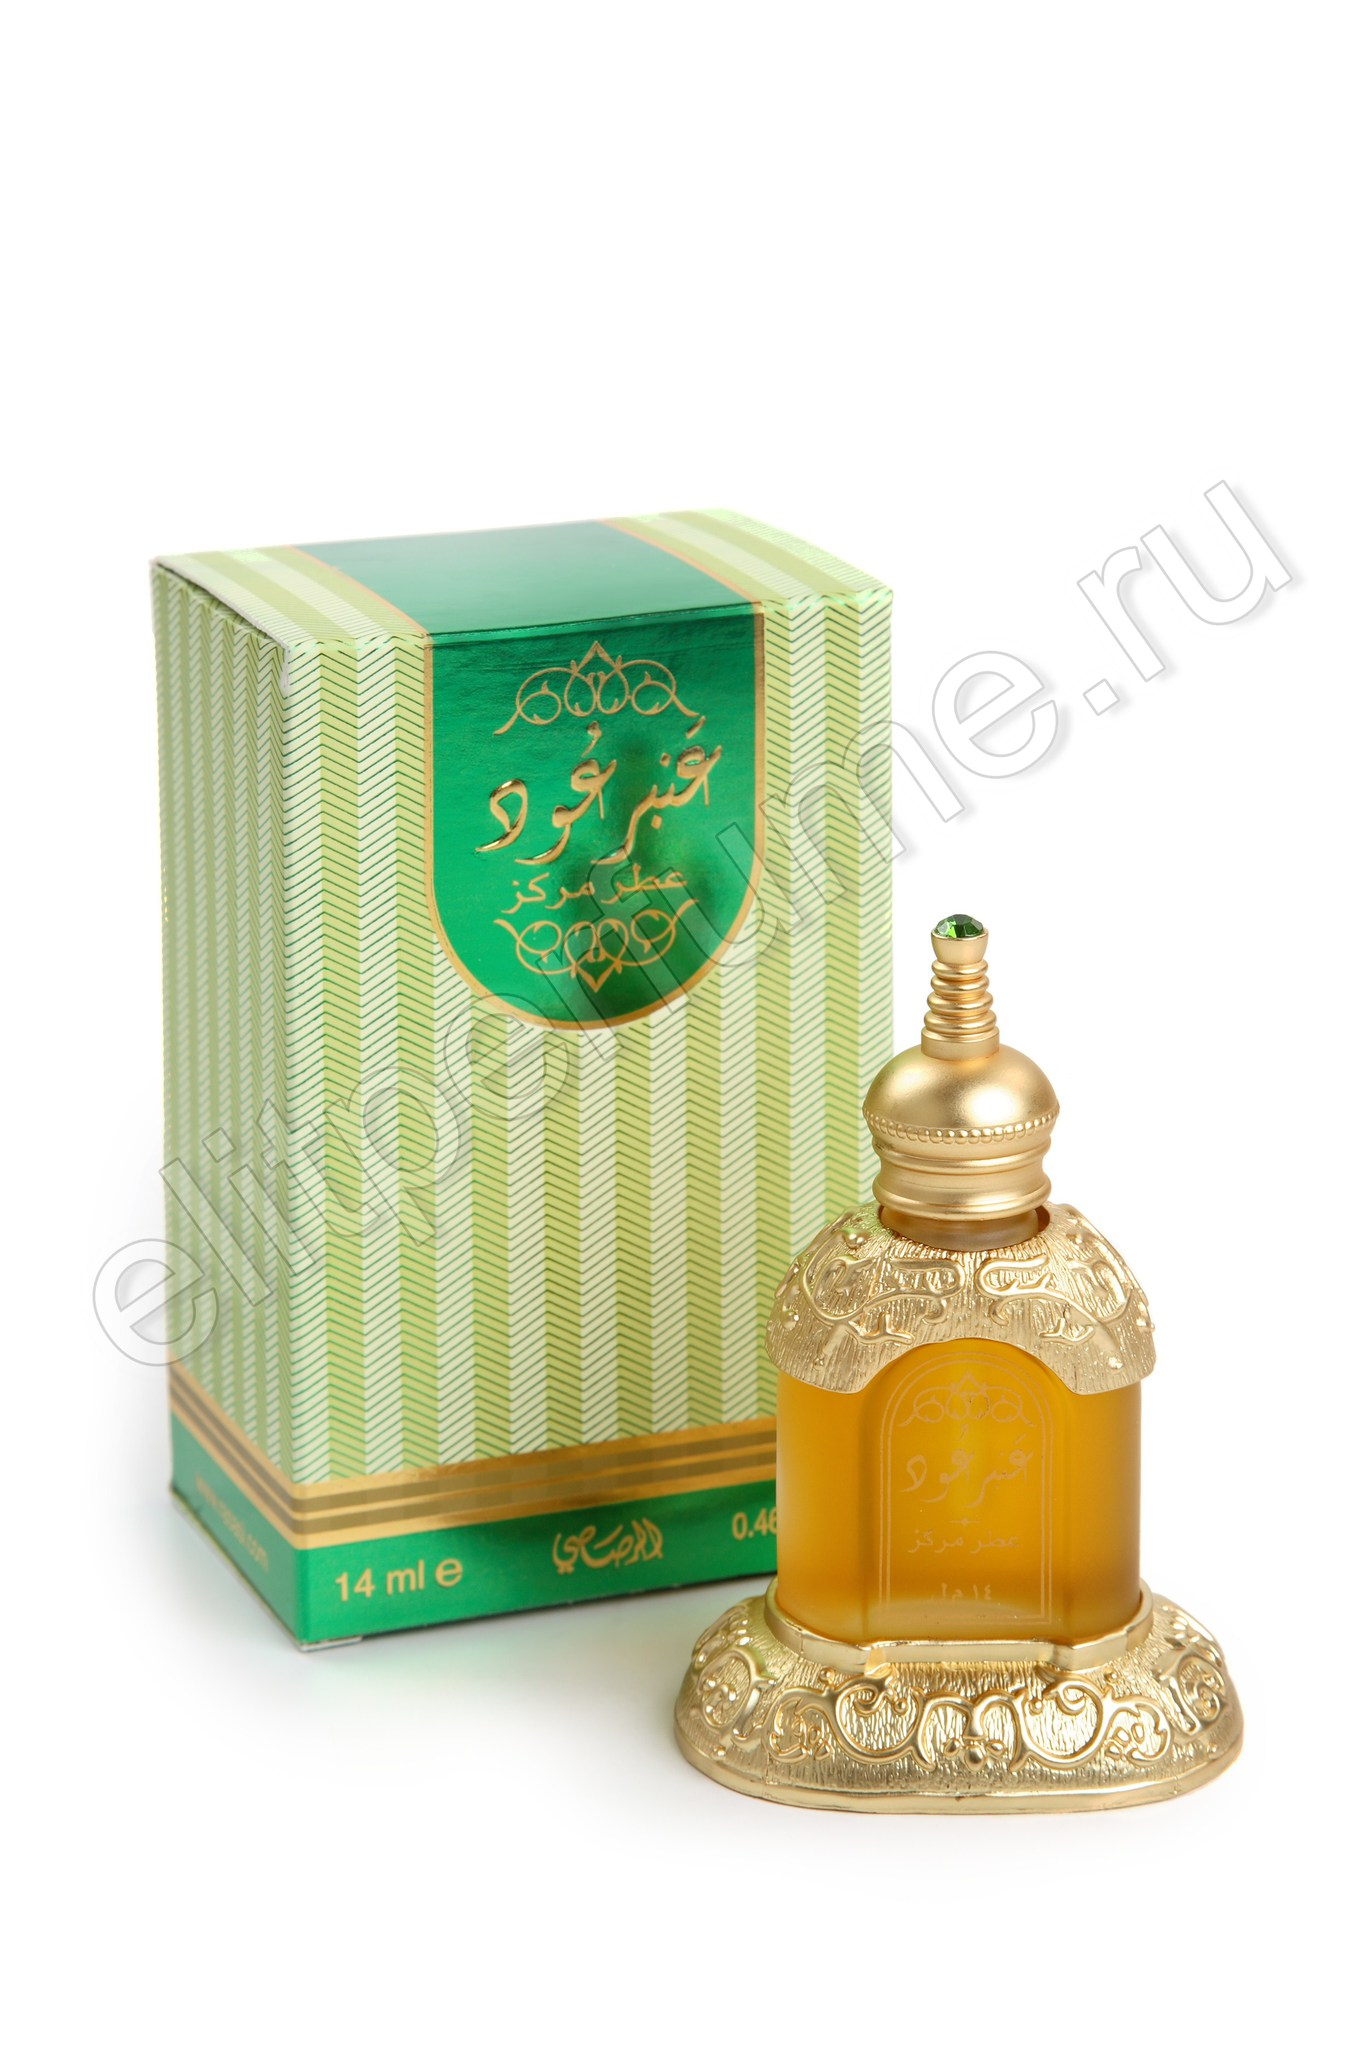 Пробники для арабских духов Уд Янтарь Amber Ood 1 мл арабские масляные духи от Расаси Rasasi Perfumes